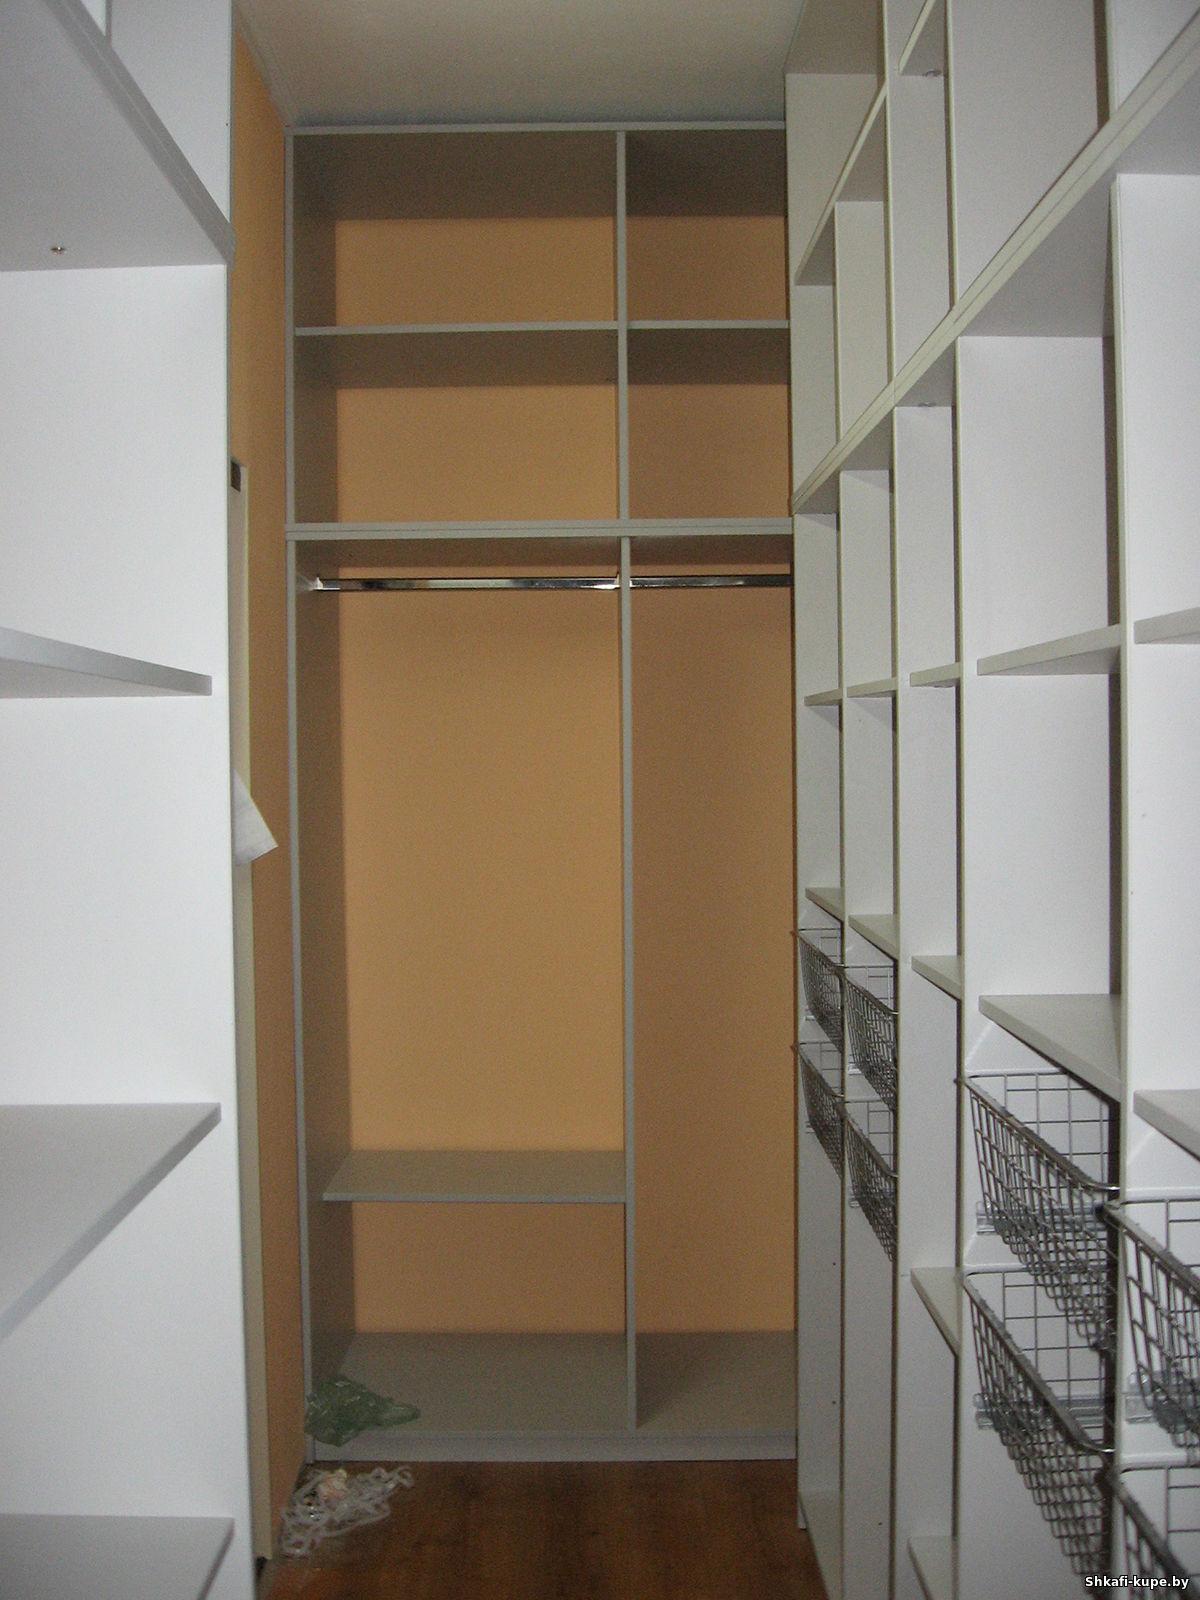 Фотоальбомы - шкафы купе в минске.